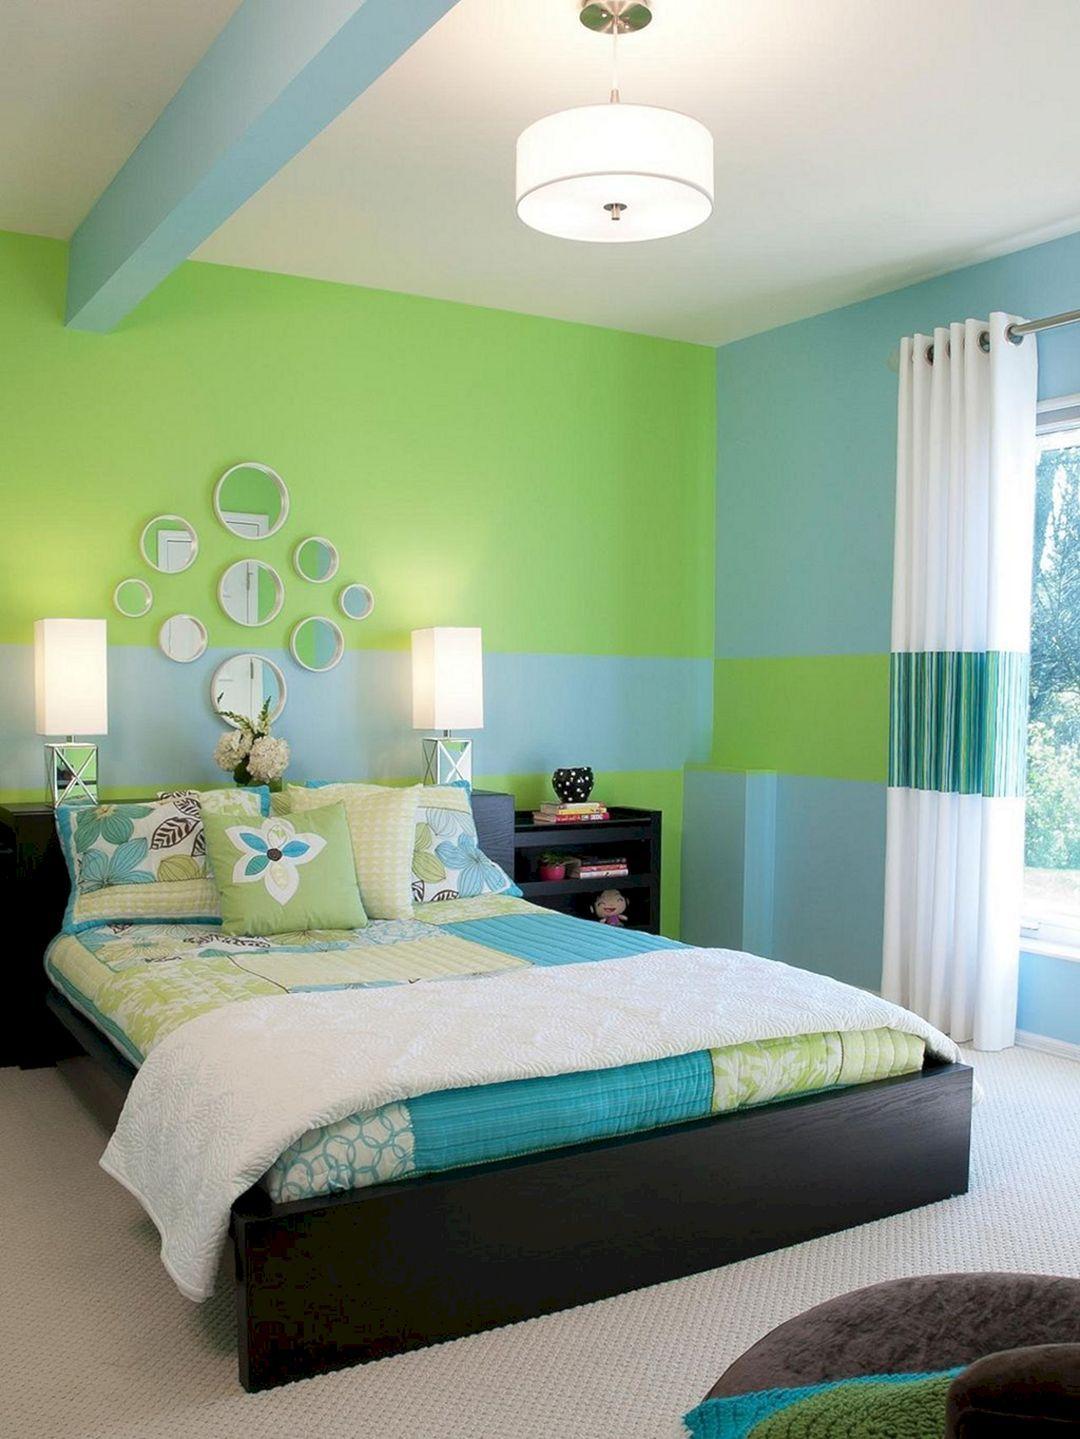 Cool Stunning Modern Bedroom Color Scheme Ideas 40 Best Pictures Https Freshouz Com Stunni Green Bedroom Decor Girls Bedroom Colors Interior Design Bedroom